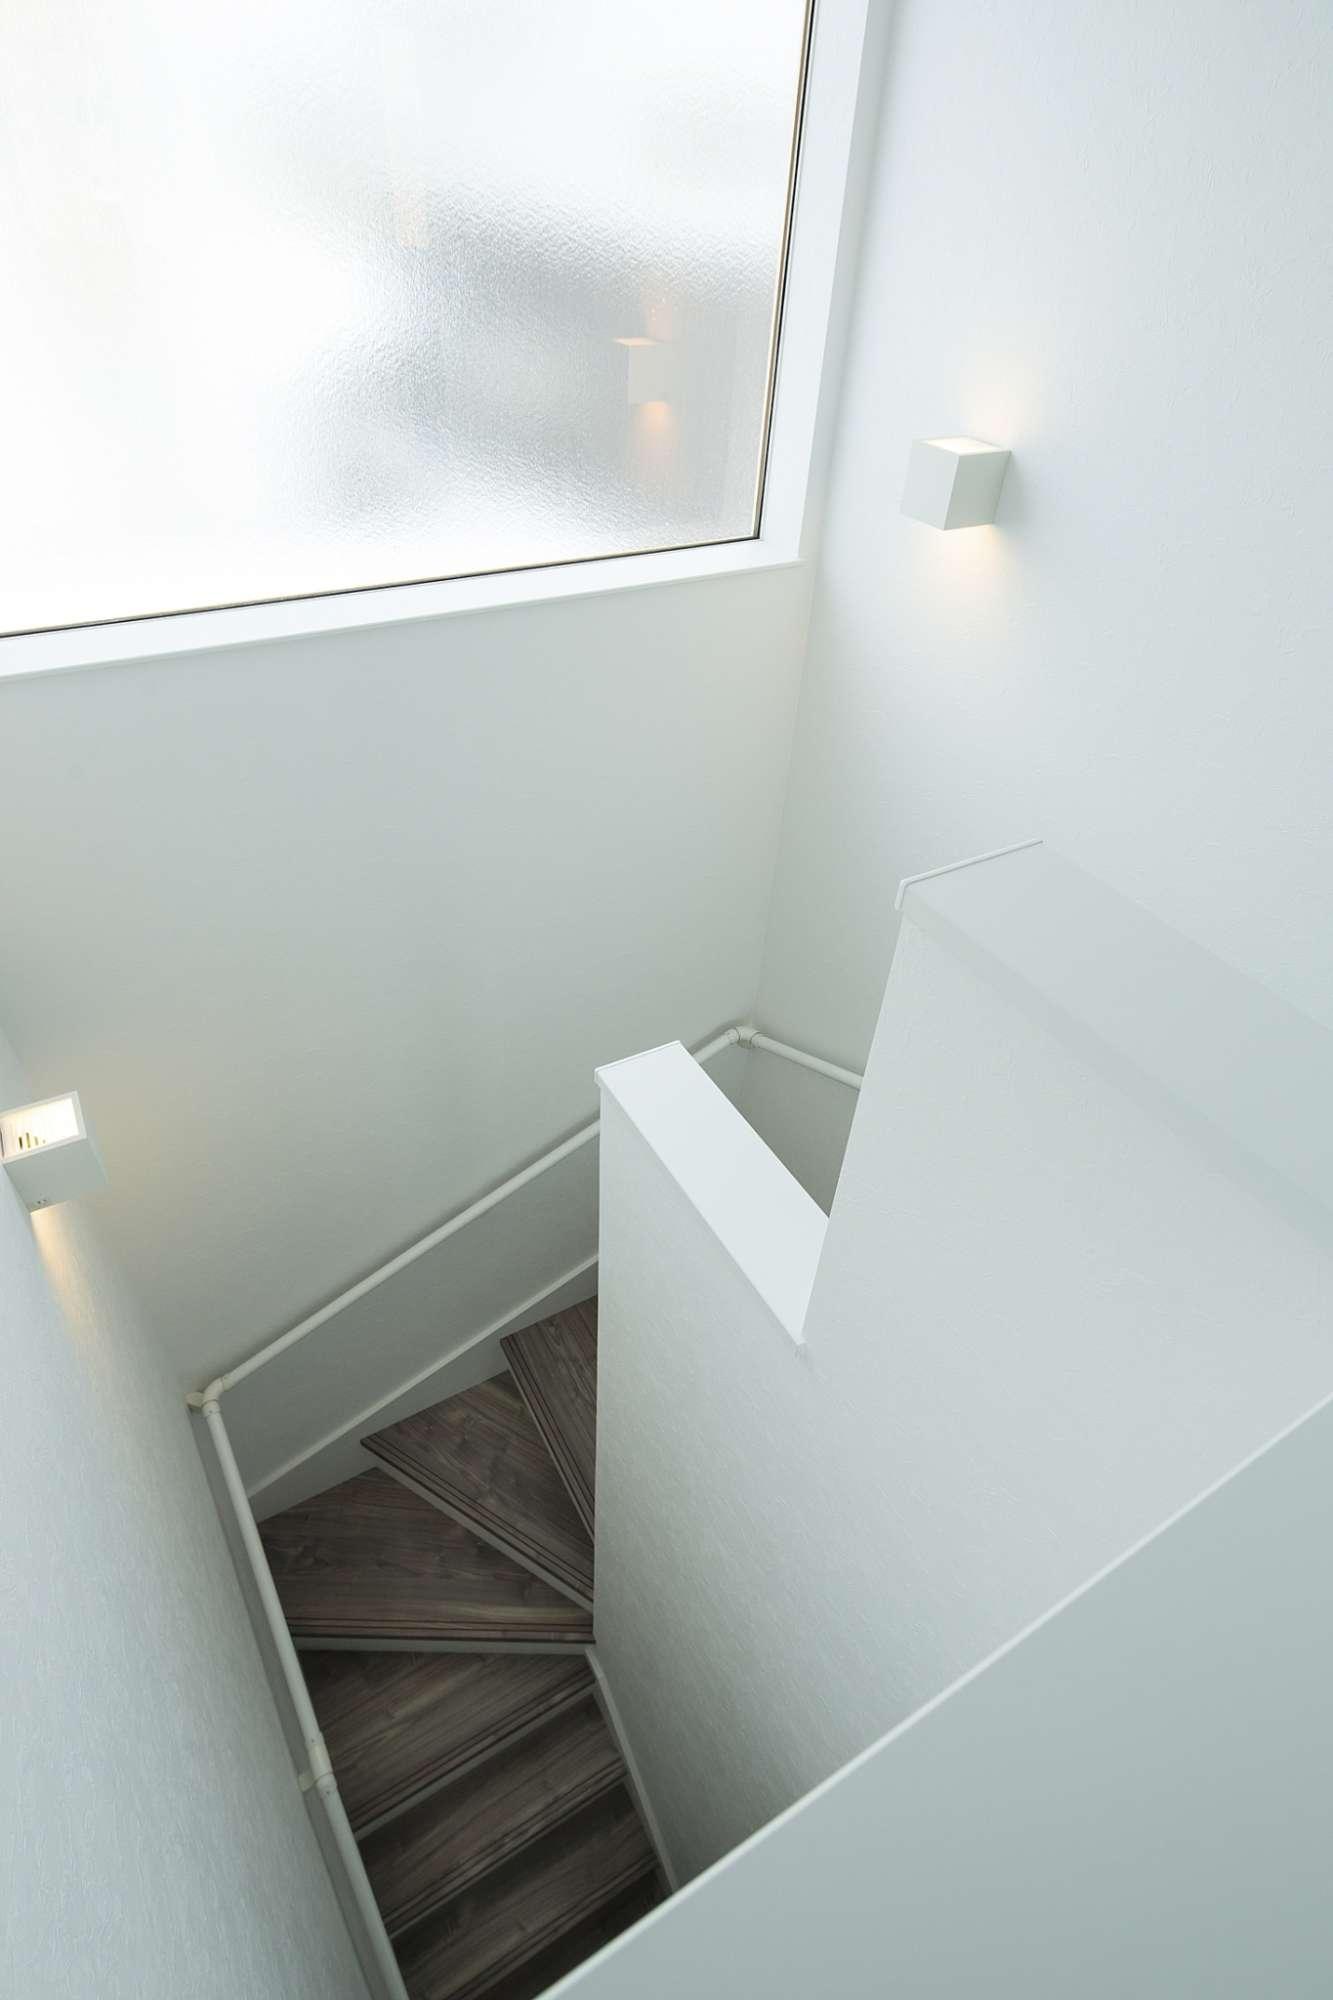 階段の吹き抜けから注ぐ陽光がやわらかな室内 -  -  -